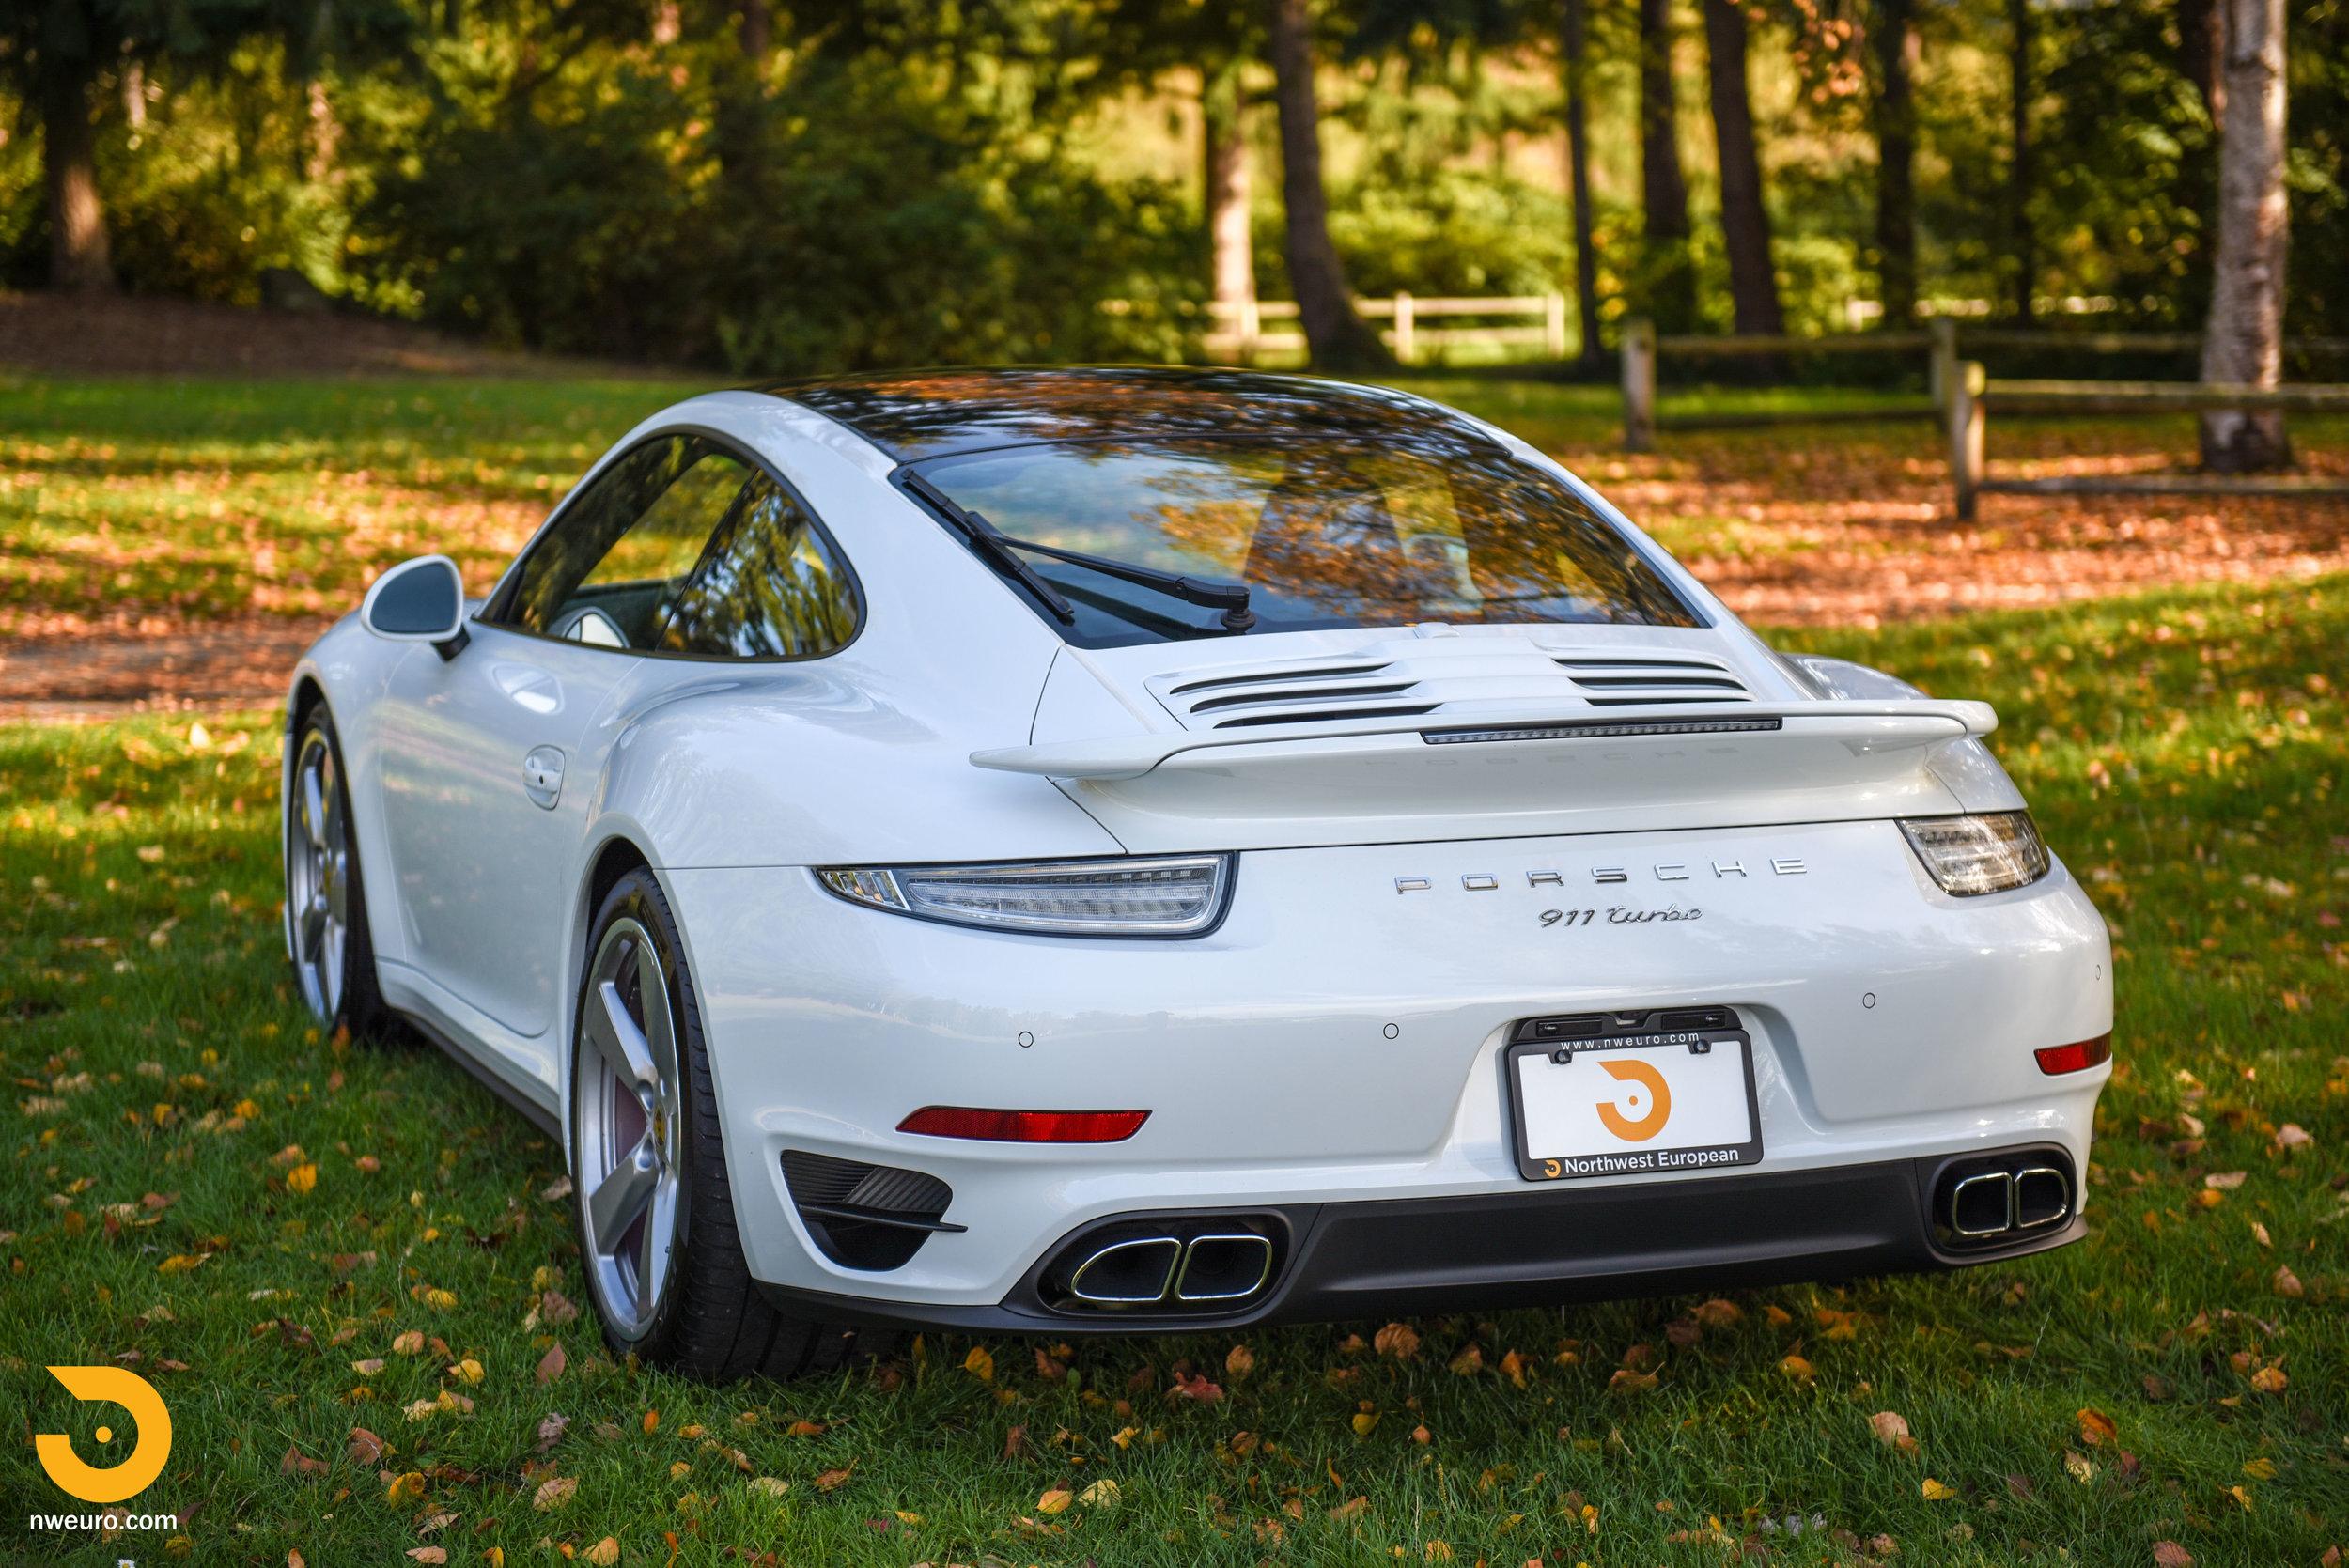 2014 Porsche 911 Turbo-8.jpg